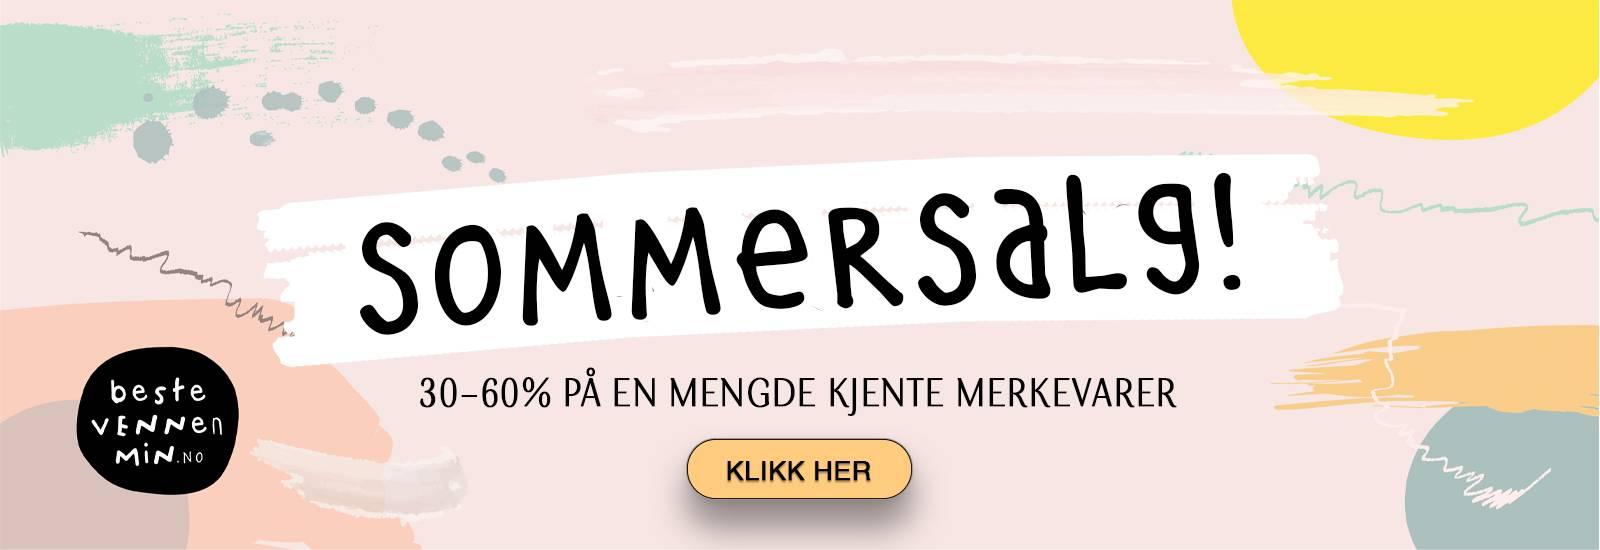 Best på Sommernyheter til gode priser, trygg handel og rask levering fra norsk nettbutikk. Bestevennenmin er hele Norges nettbutikk for barn. Liewood, Konges Sløjd, Hummel, MarMar, Djeco